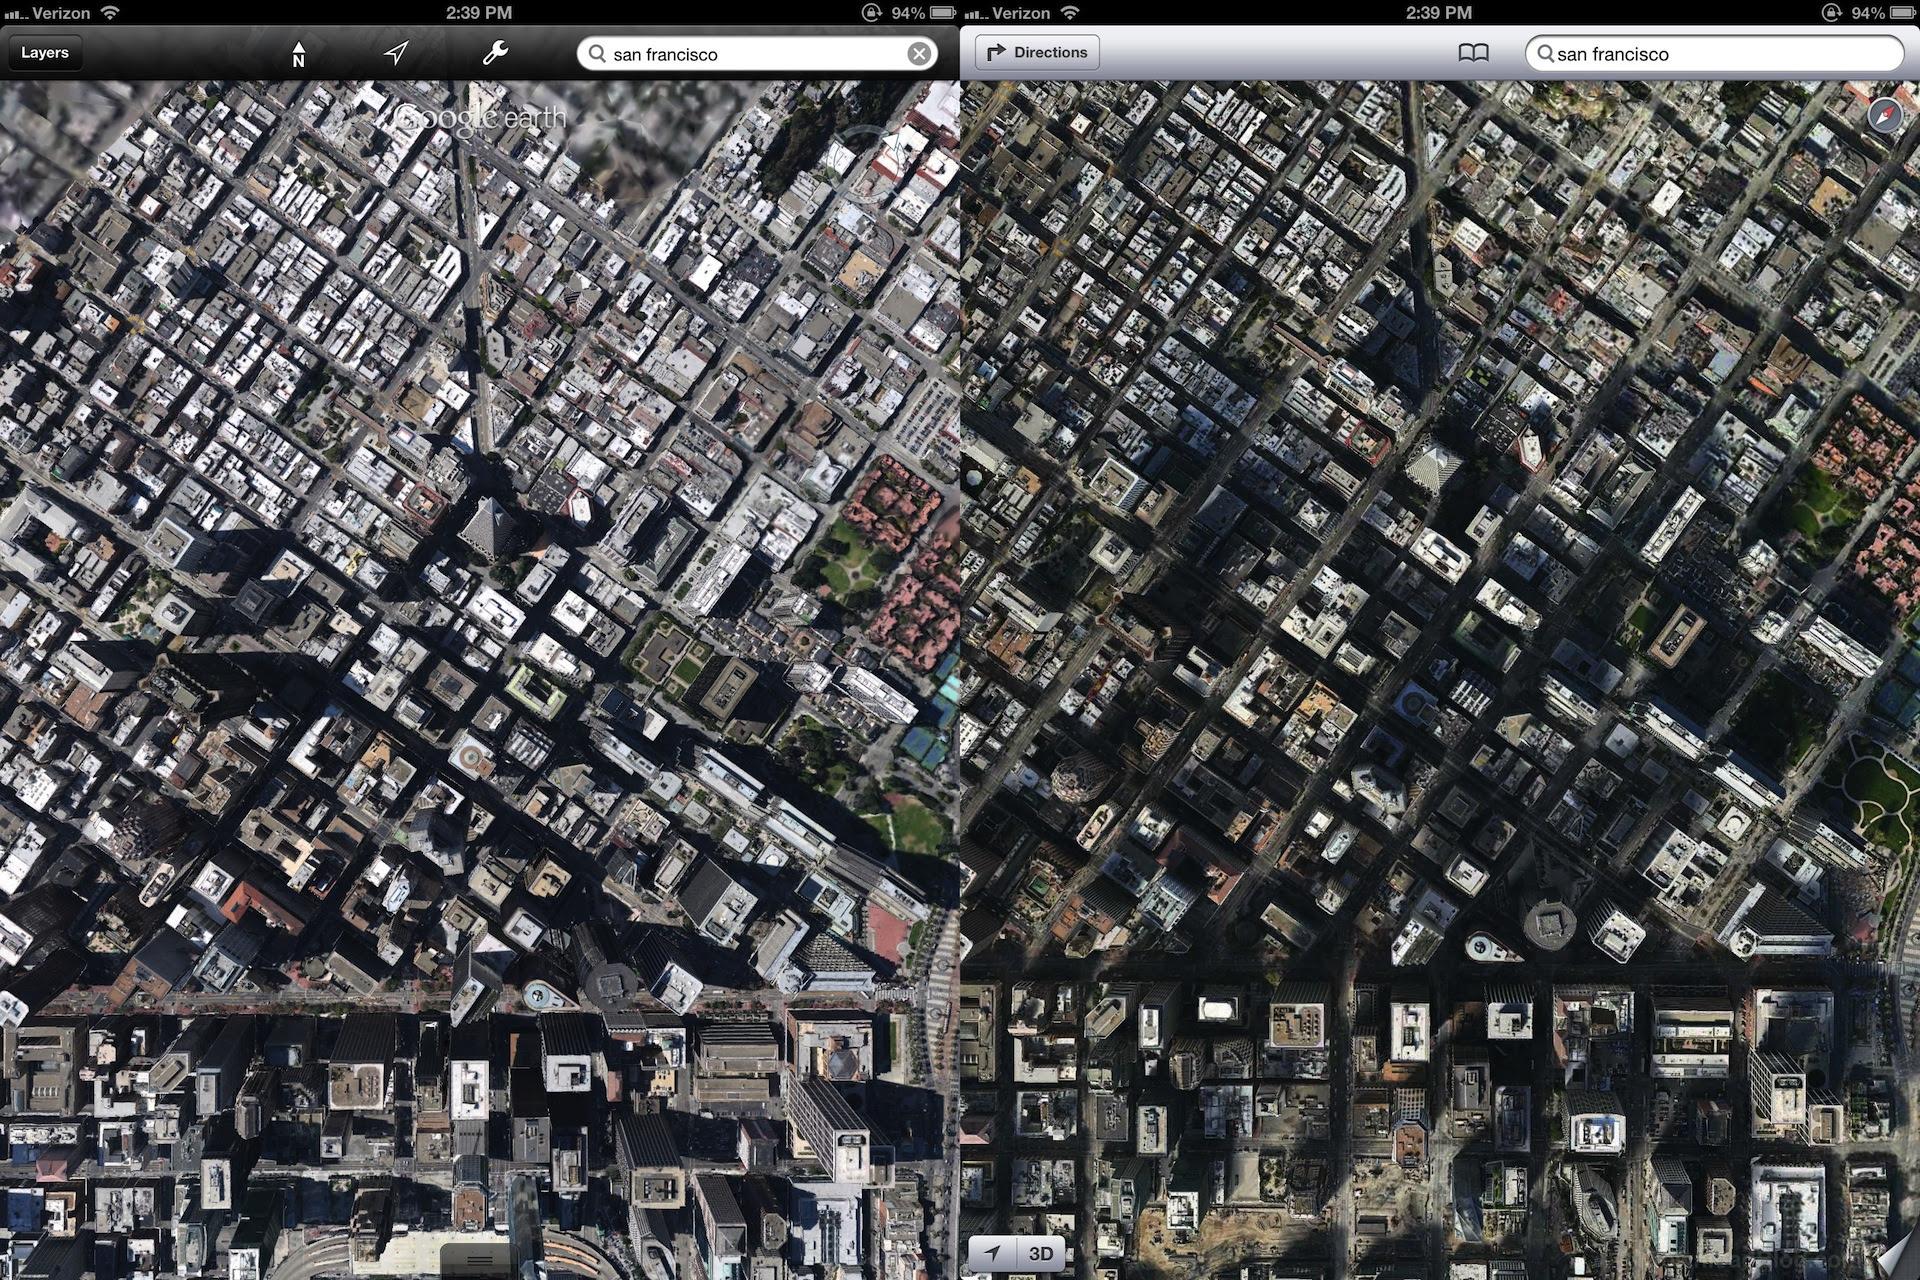 Apples 3d Maps Look Much Better Than Googles